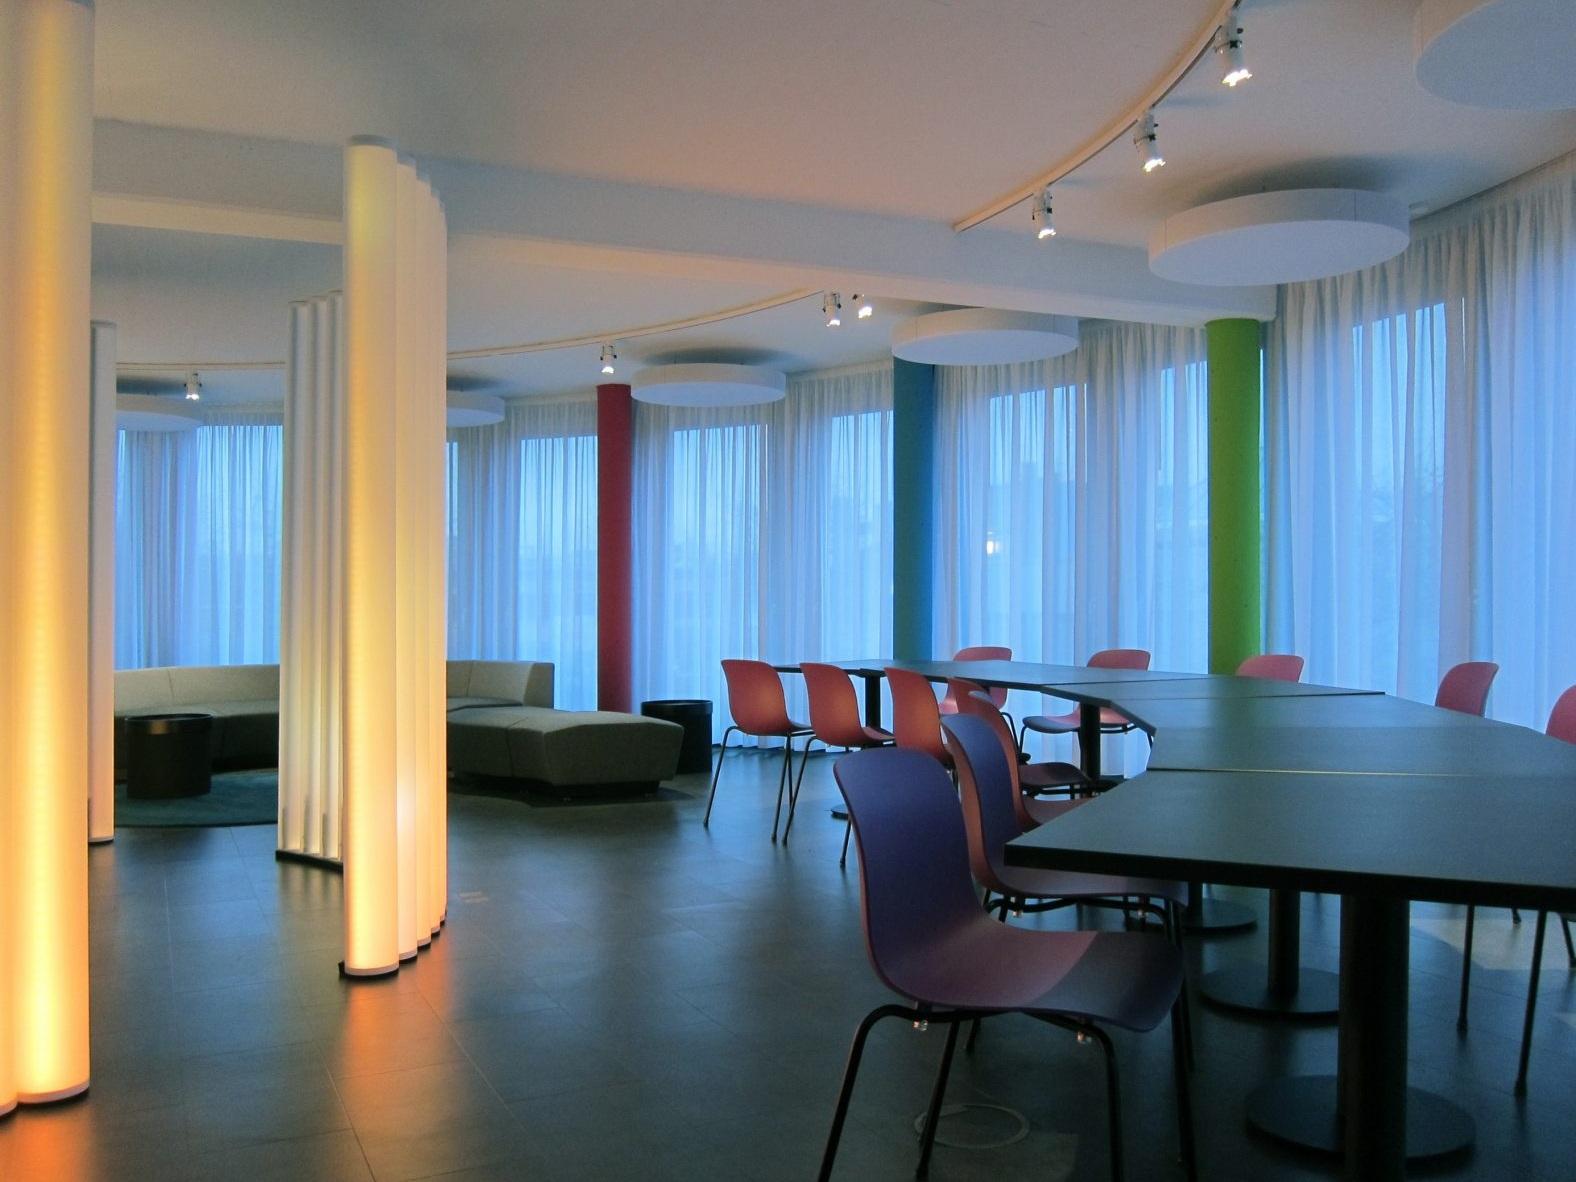 Pausen- und Präsentationsraum - Tische und Lounge